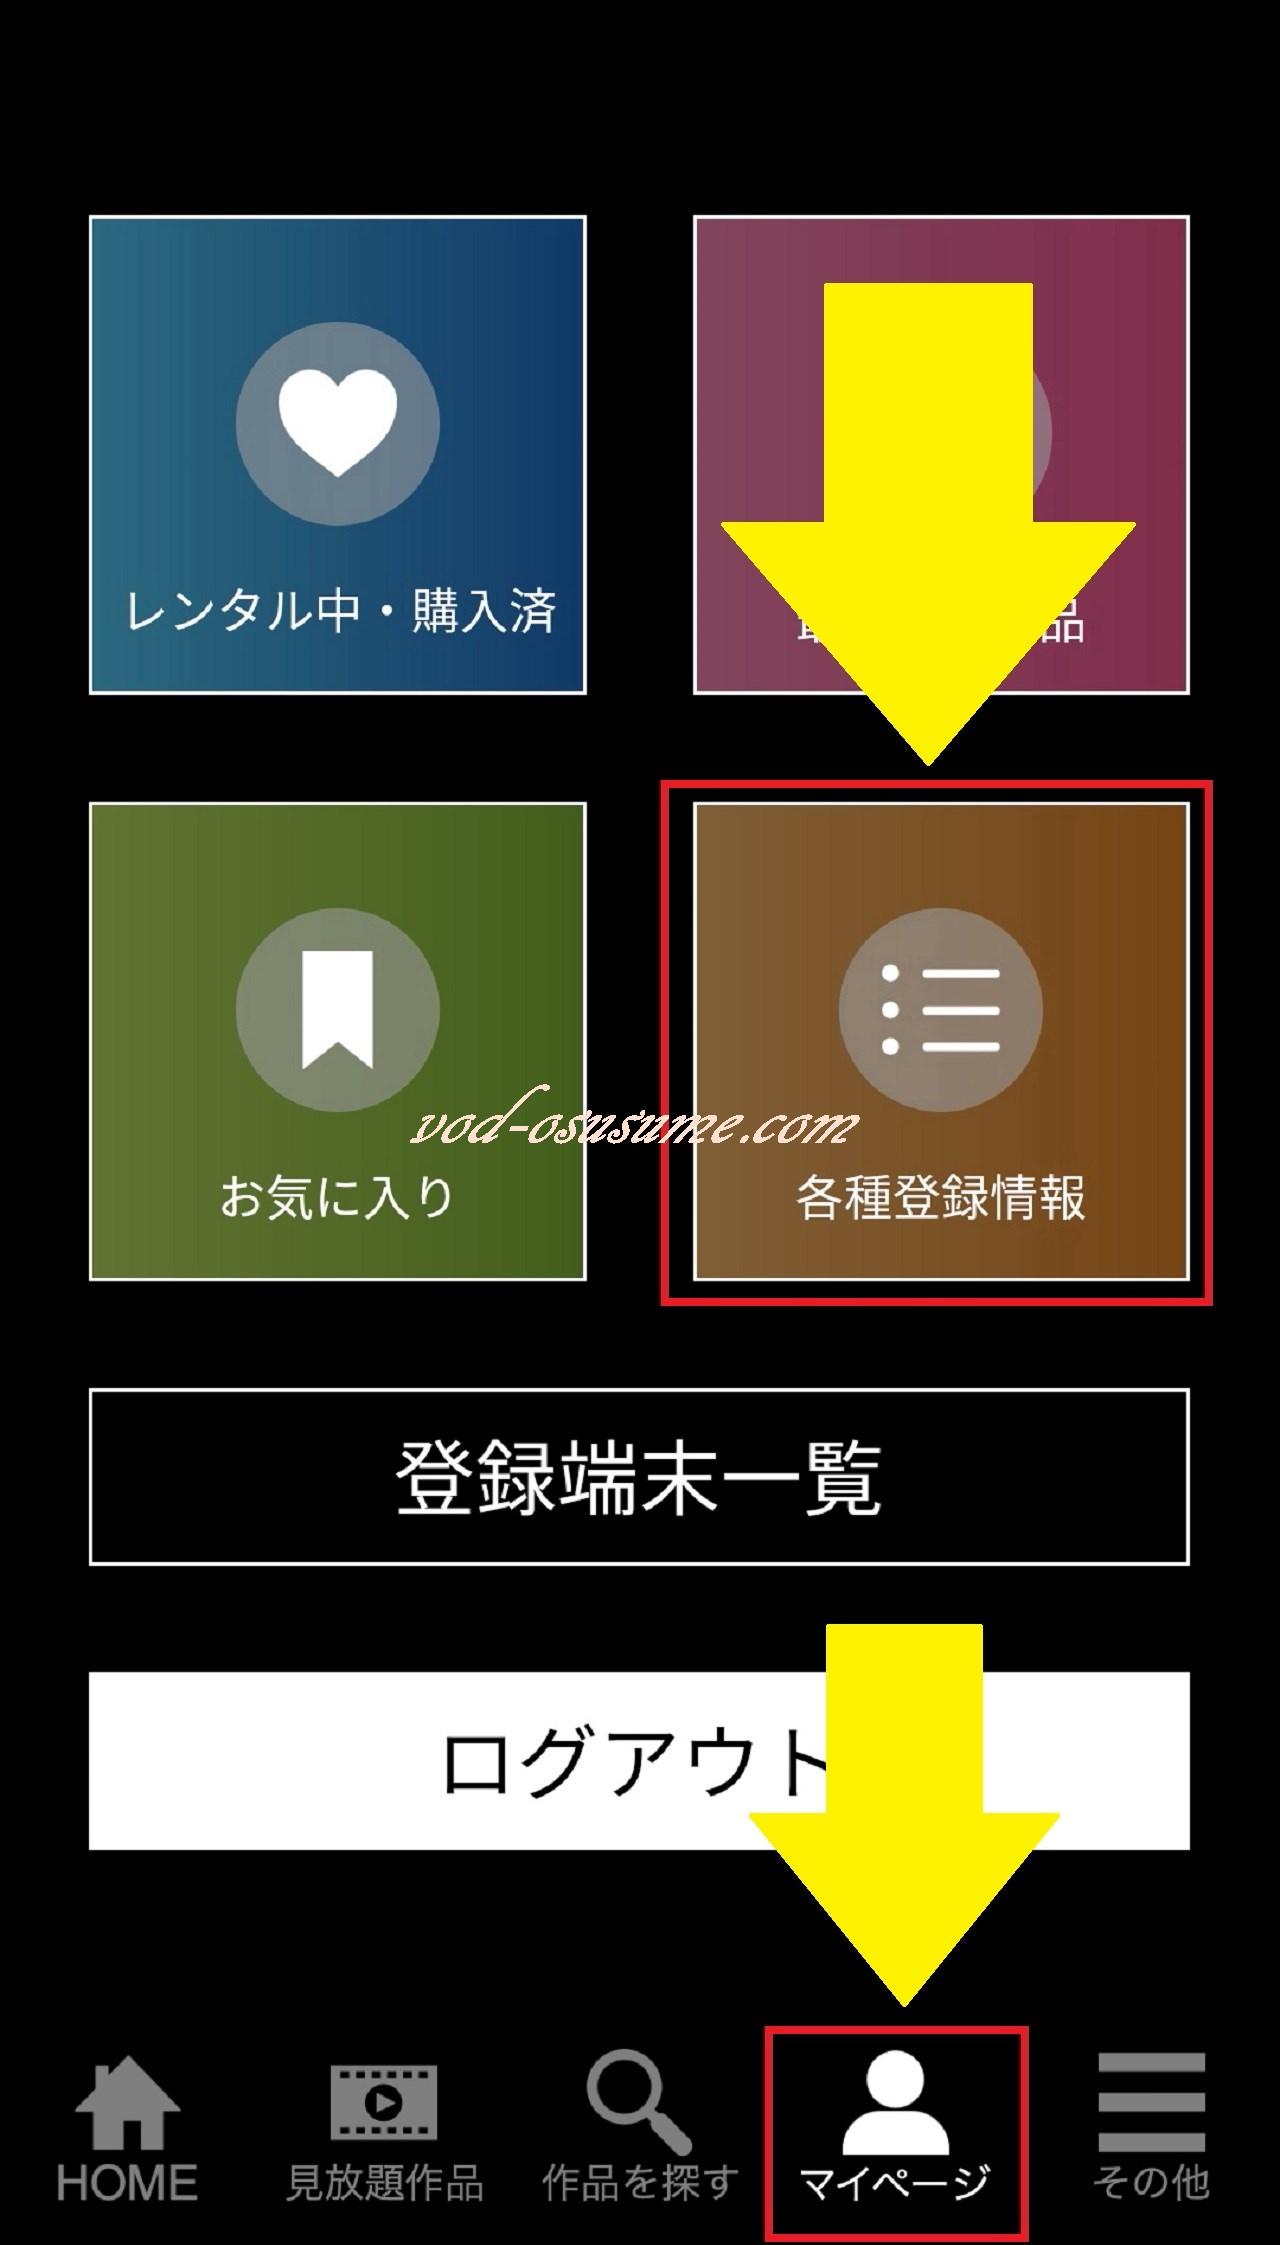 「マイページ」-「各種登録情報」をタップ